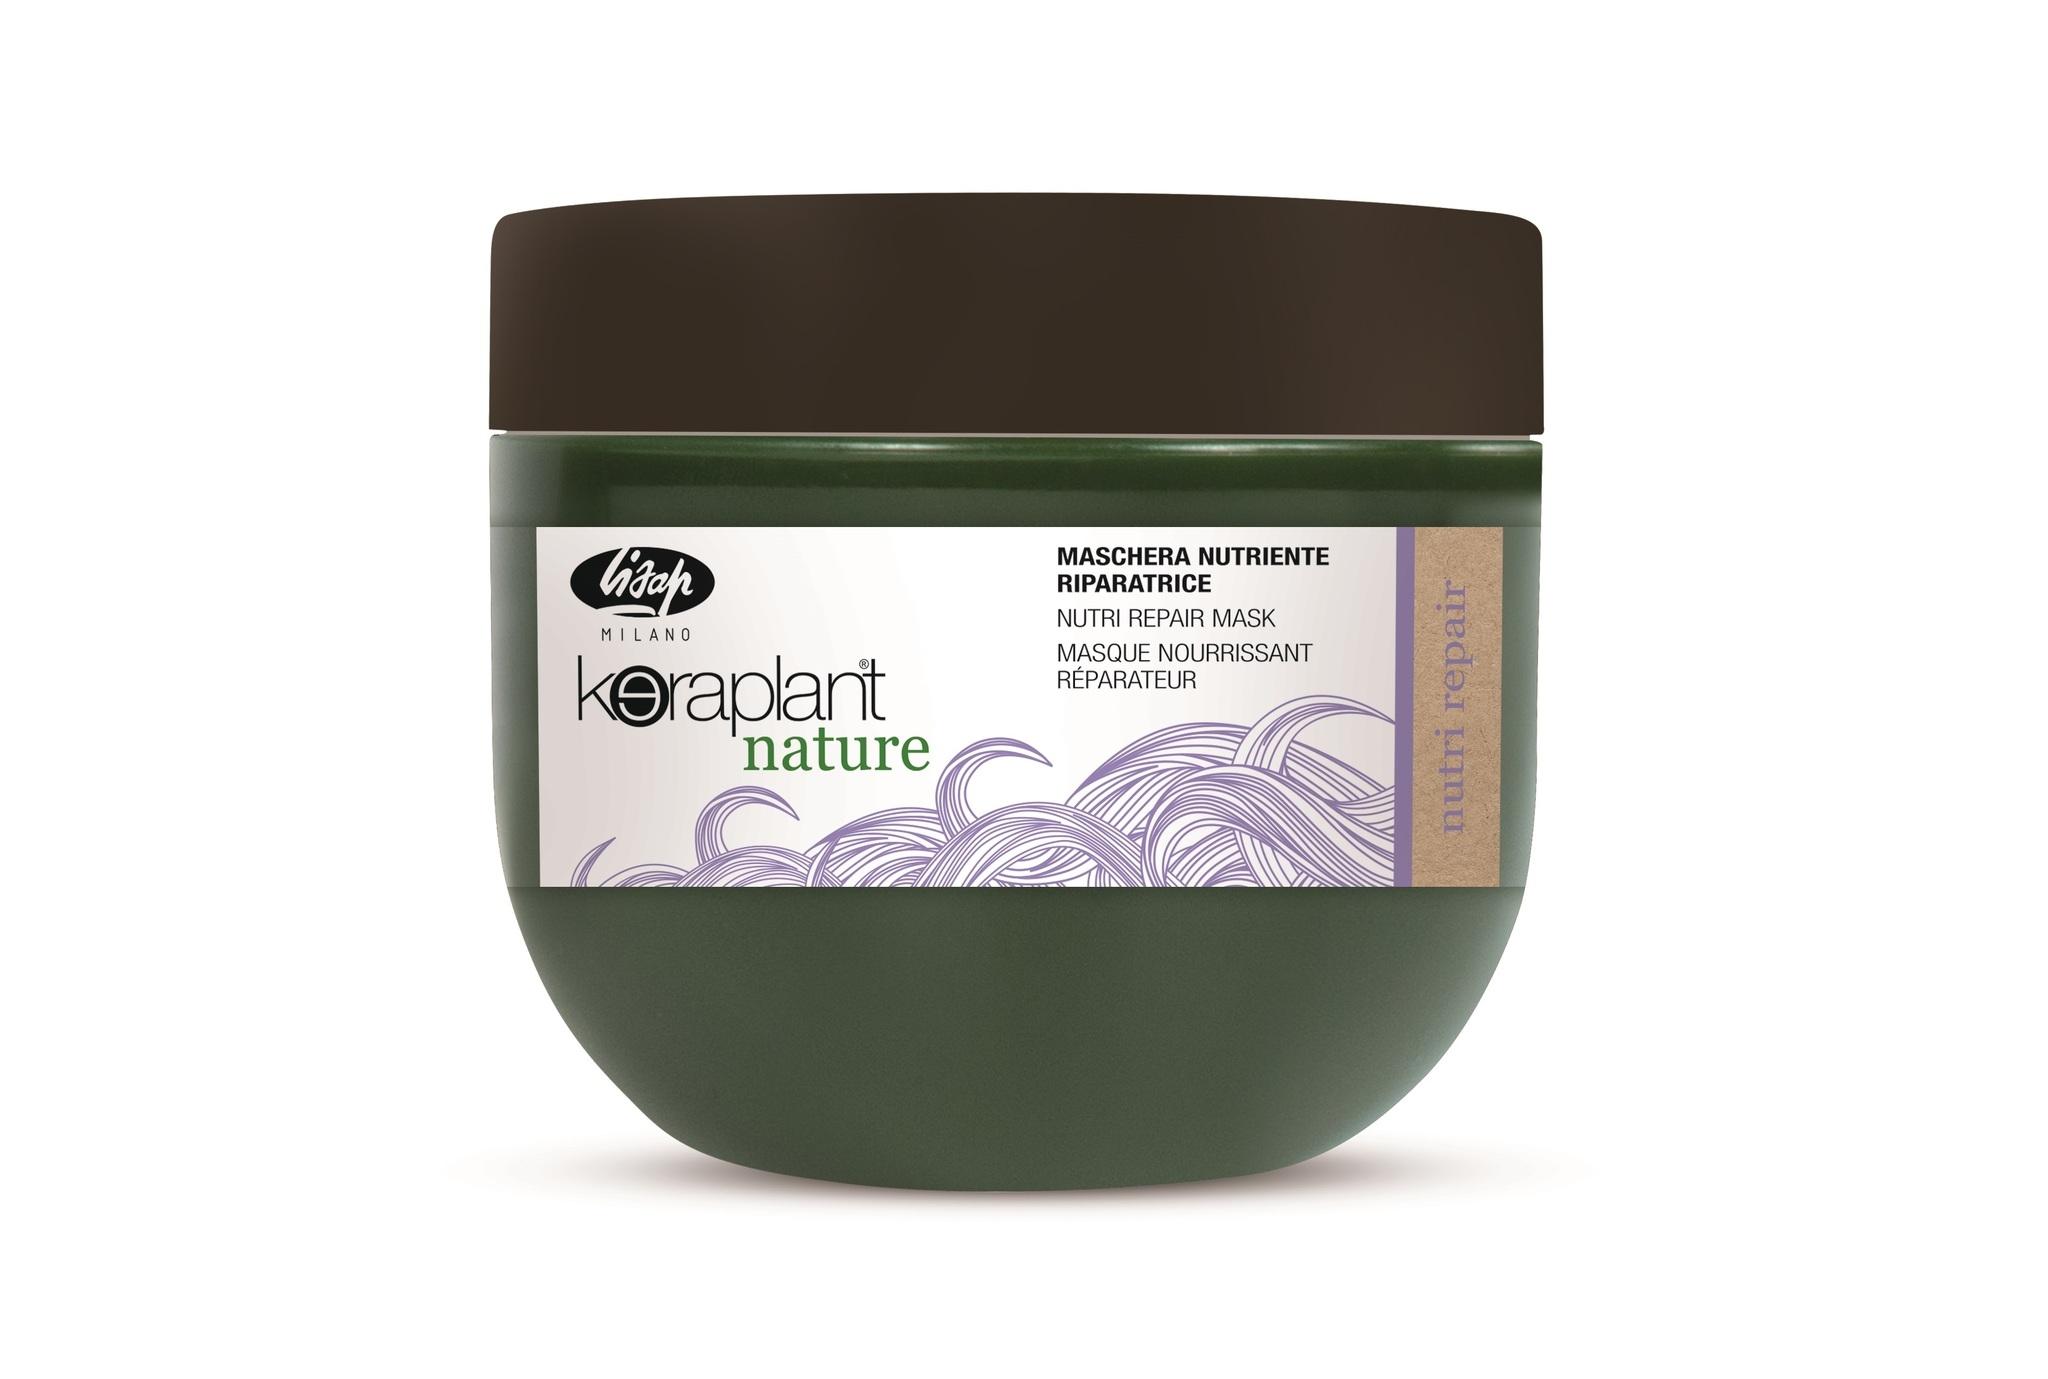 Lisap Маска Питательная Восстанавливающая для Волос Keraplant Nature Nutri Repair Mask, 50 мл